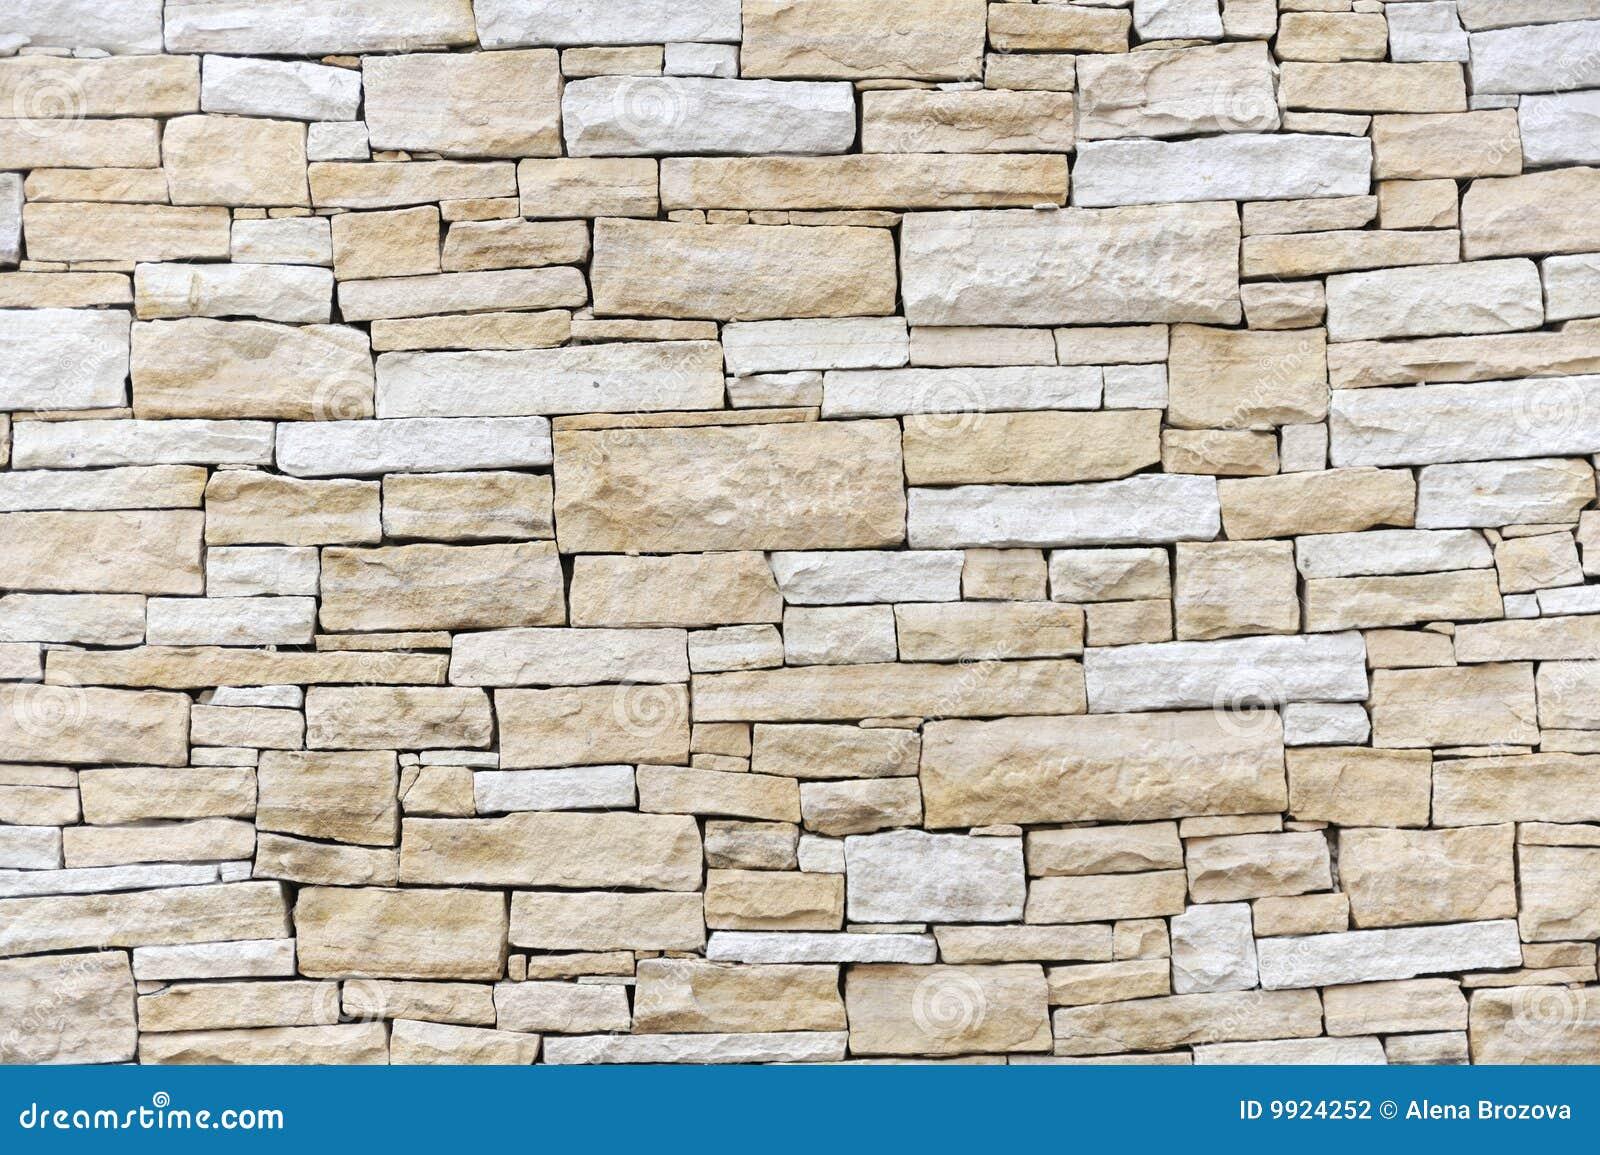 Pared hecha de ladrillos de la piedra arenisca fotograf a - Ladrillos de piedra ...